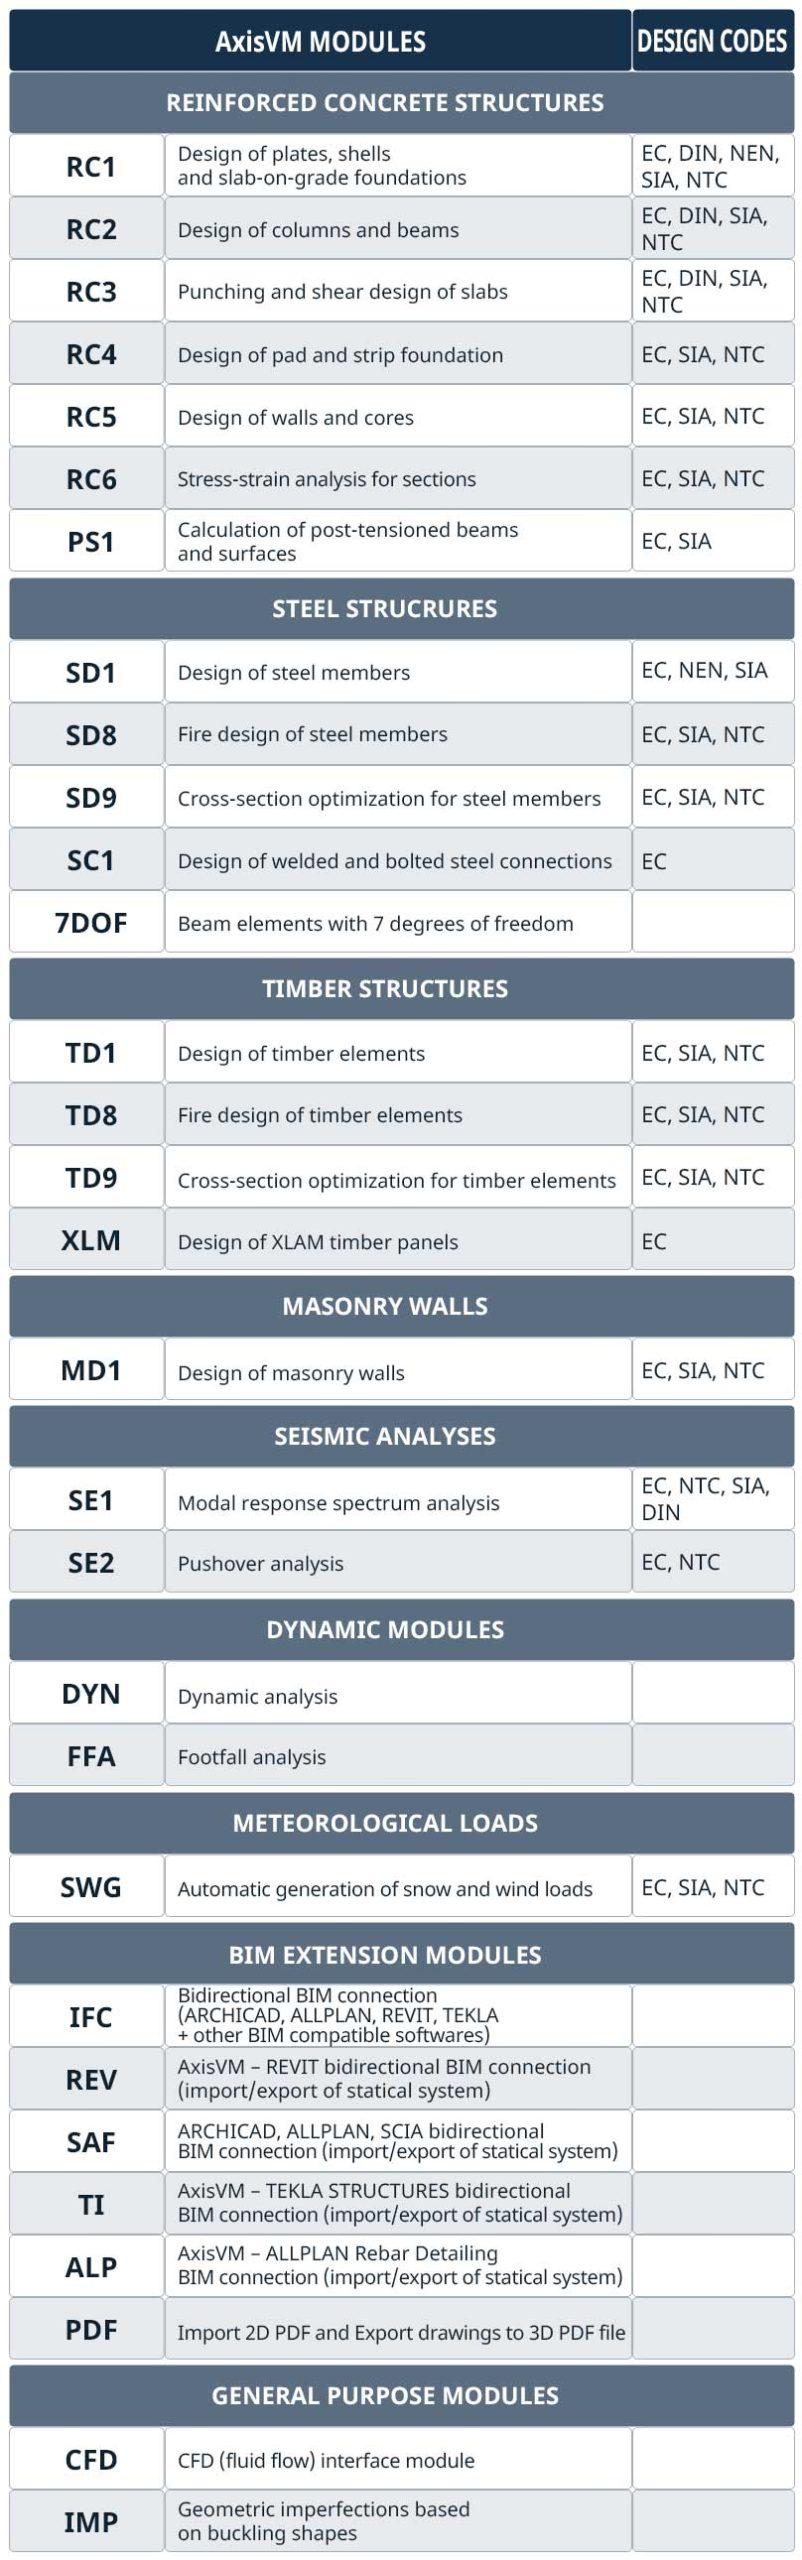 AxisVM modules